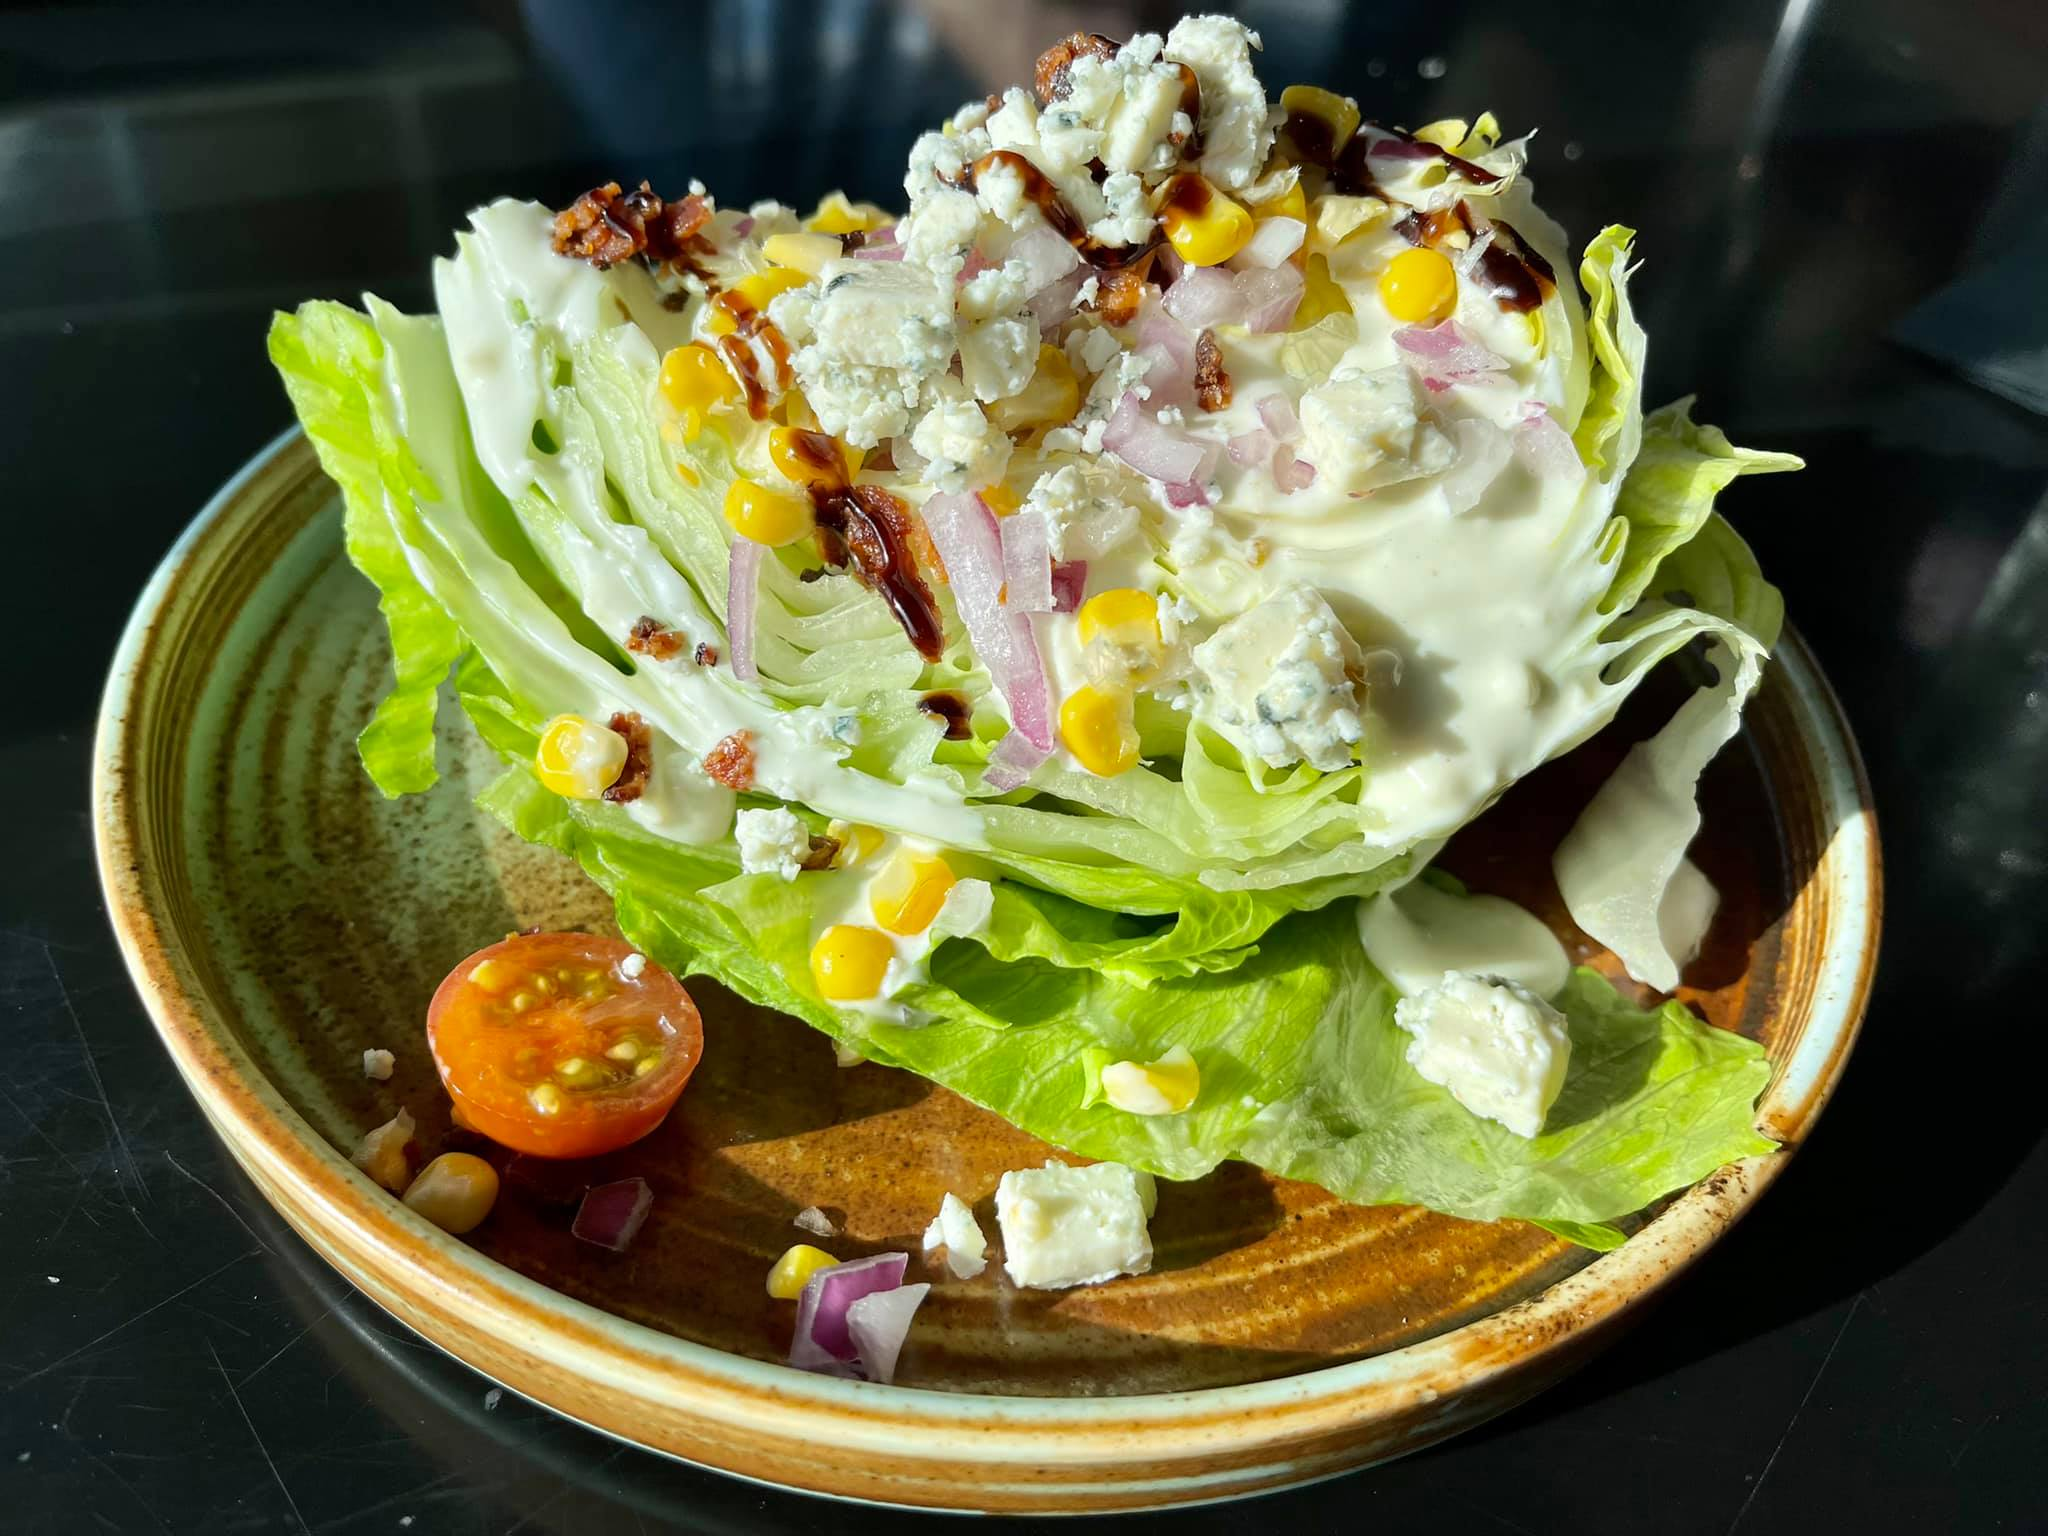 Teak Wedge Salad